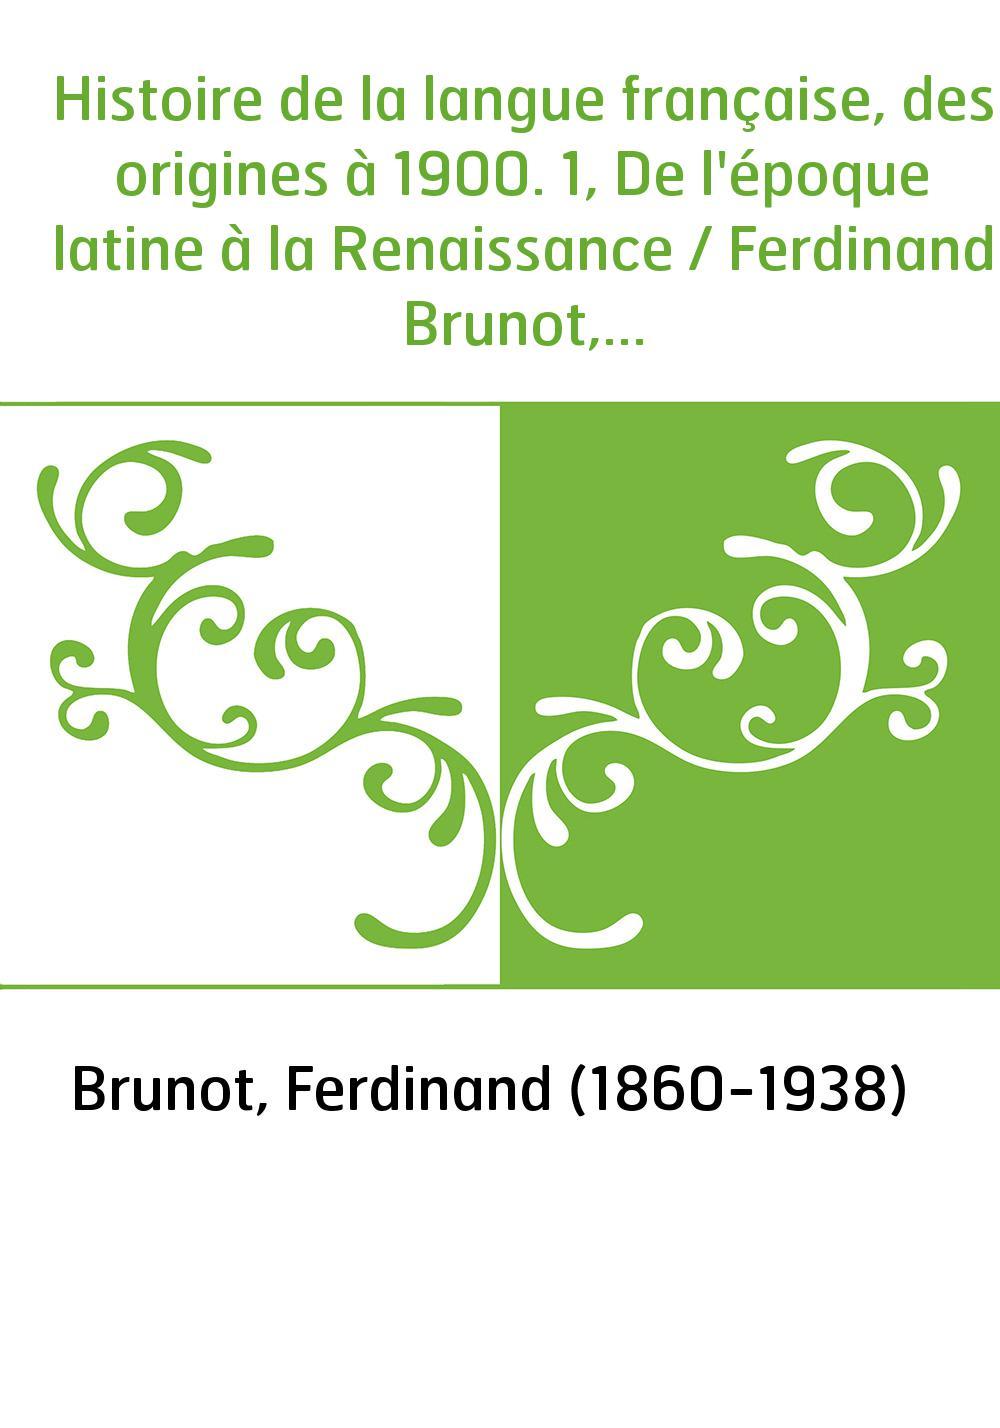 Histoire de la langue française, des origines à 1900. 1, De l'époque latine à la Renaissance / Ferdinand Brunot,...